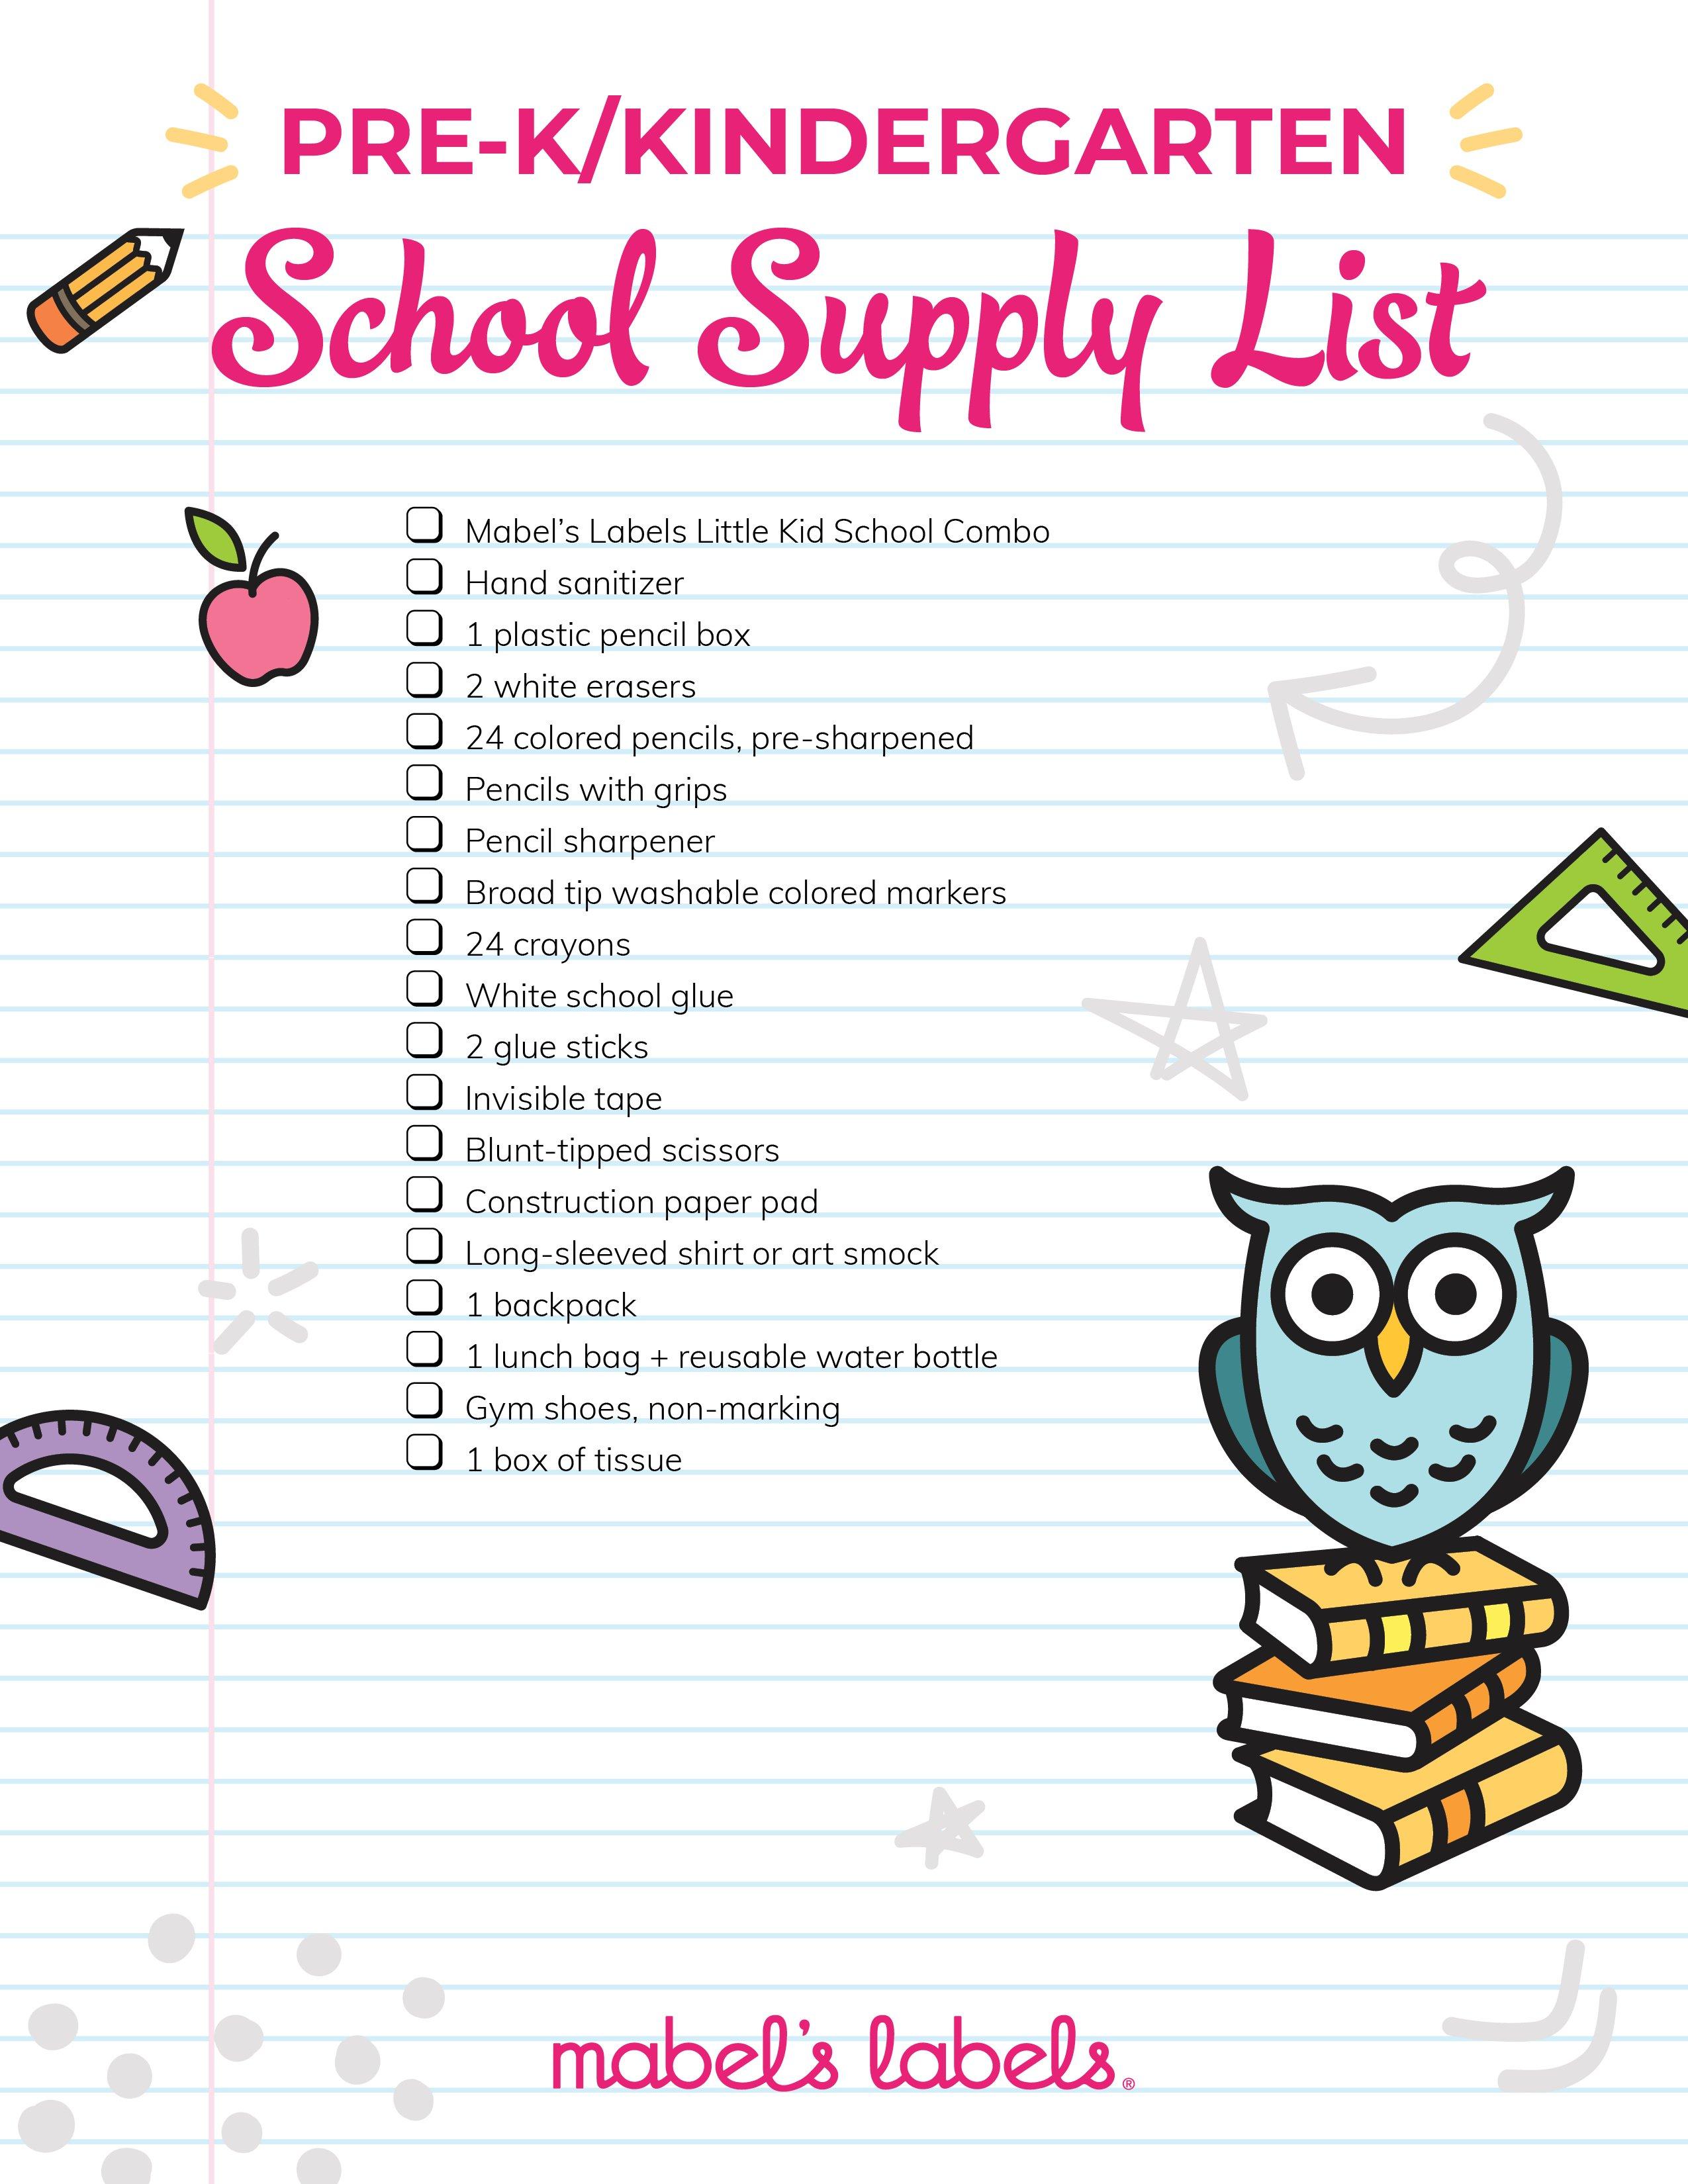 PreK Kindergarten checklist